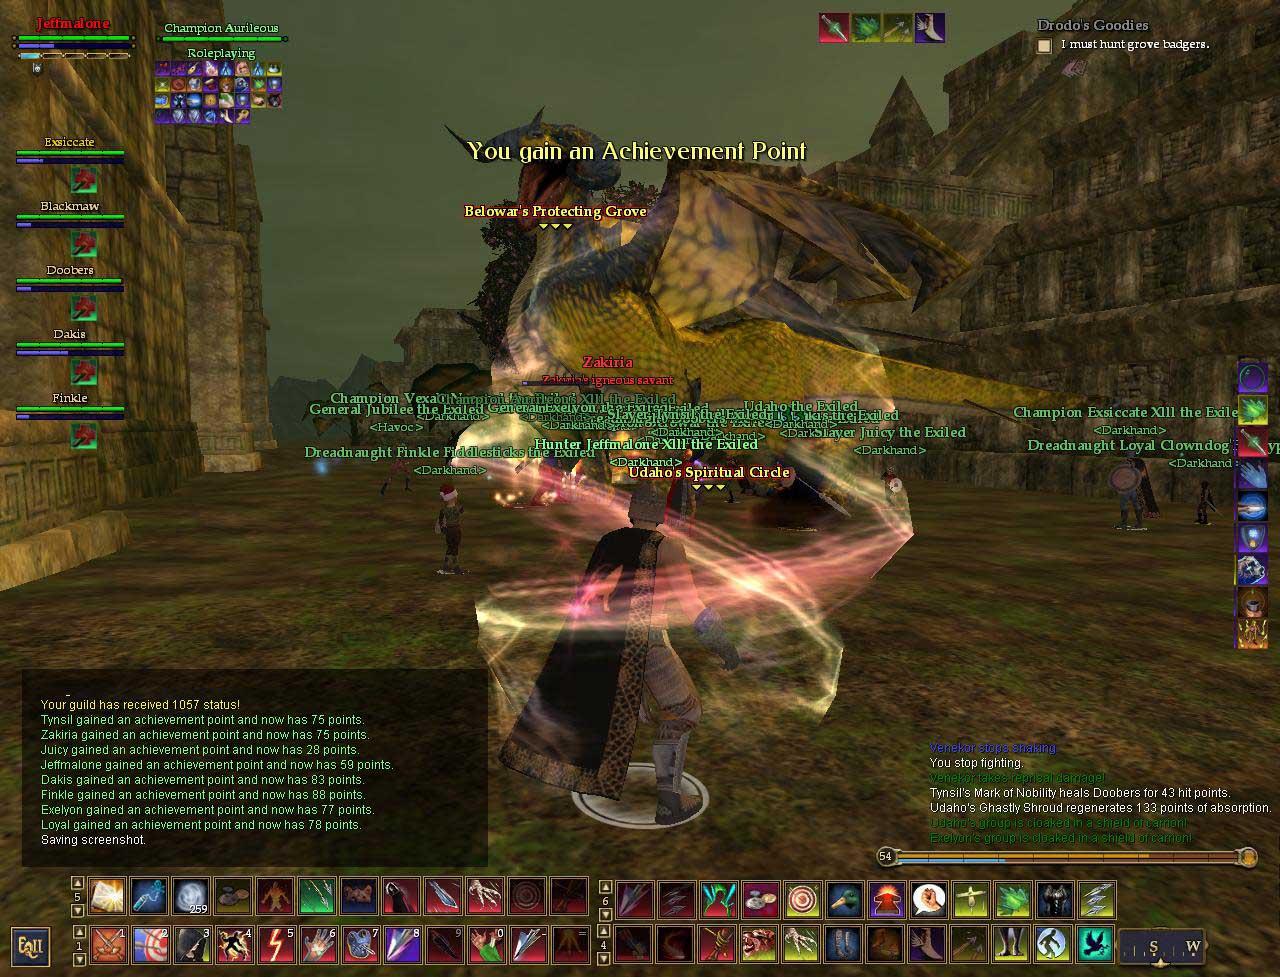 2004 год в компьютерных играх (часть 3) - Изображение 3